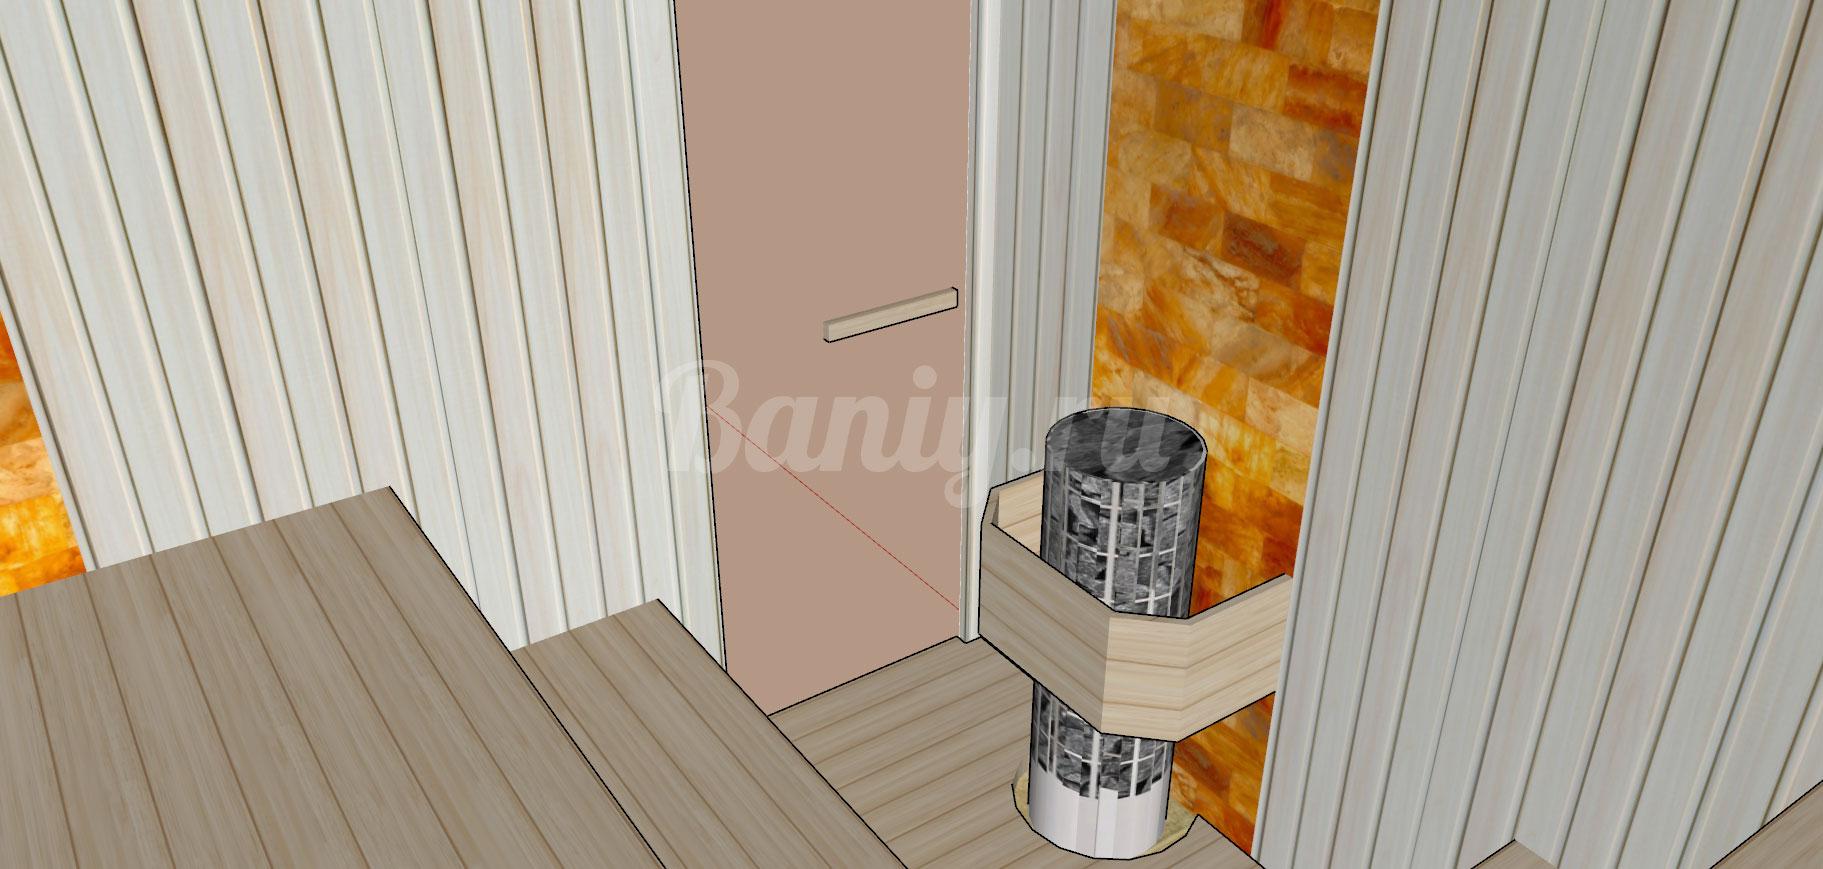 Проект сауны С-6 для частного дома или квартиры, фото 4